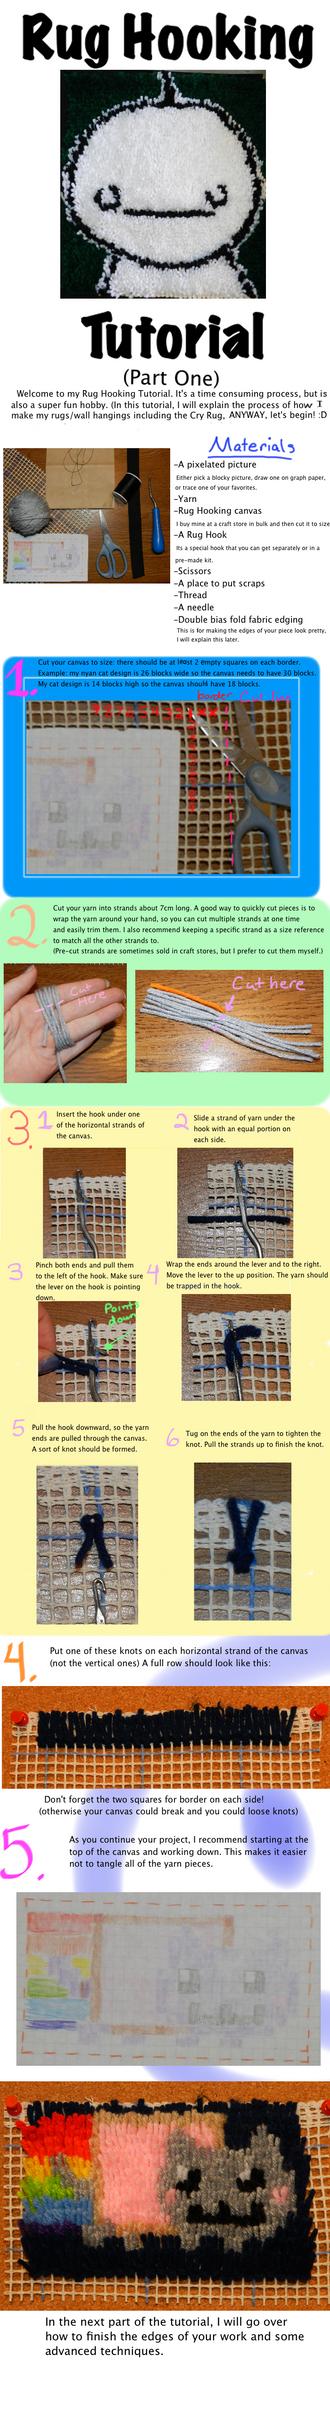 Rug Hooking Tutorial (Part One) by Yoroko666